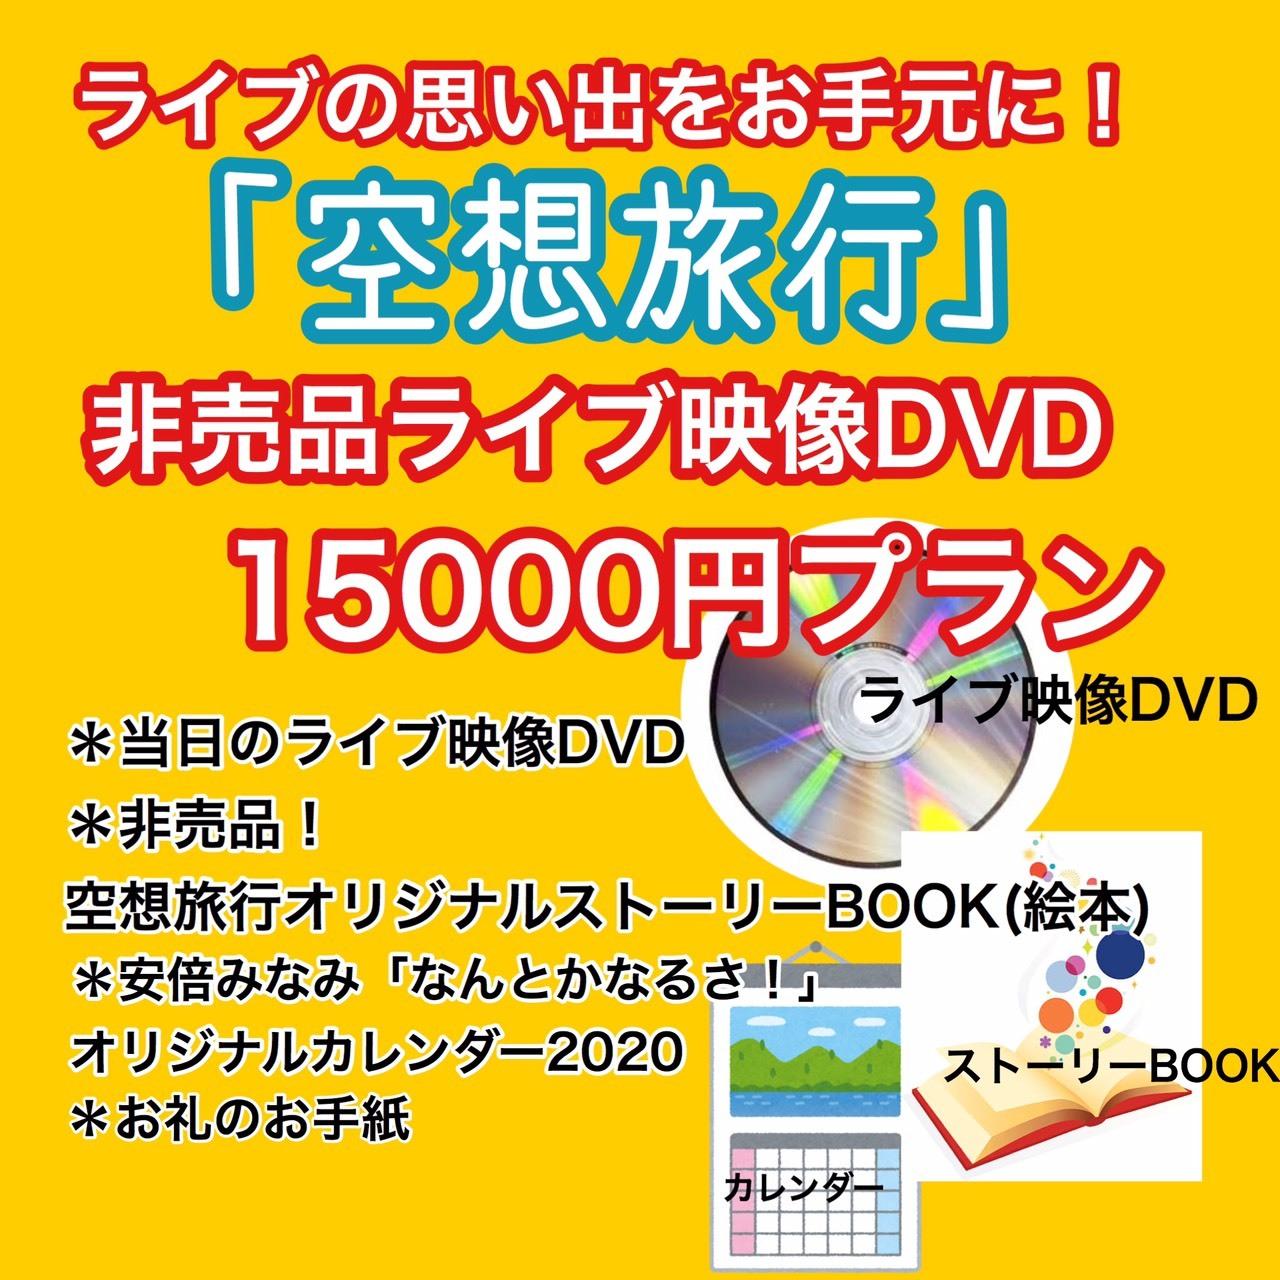 ライブDVD+カレンダー+オリジナルストーリーBOOKプラン